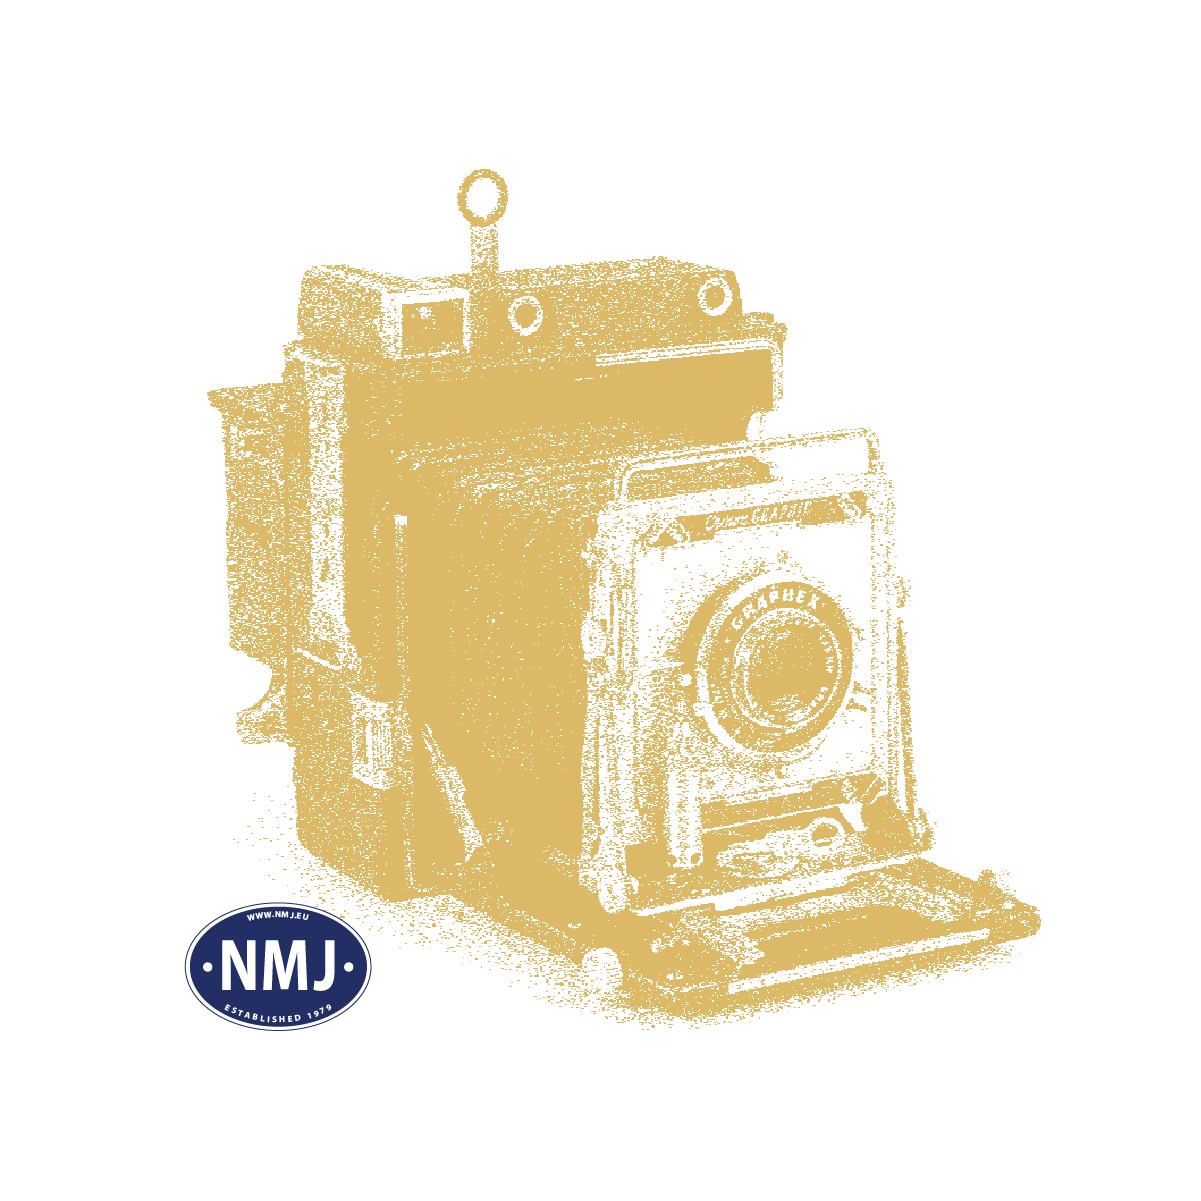 NMJT1012.01 - NMJ Topline NSB WLAB 21072 Mellomdesign